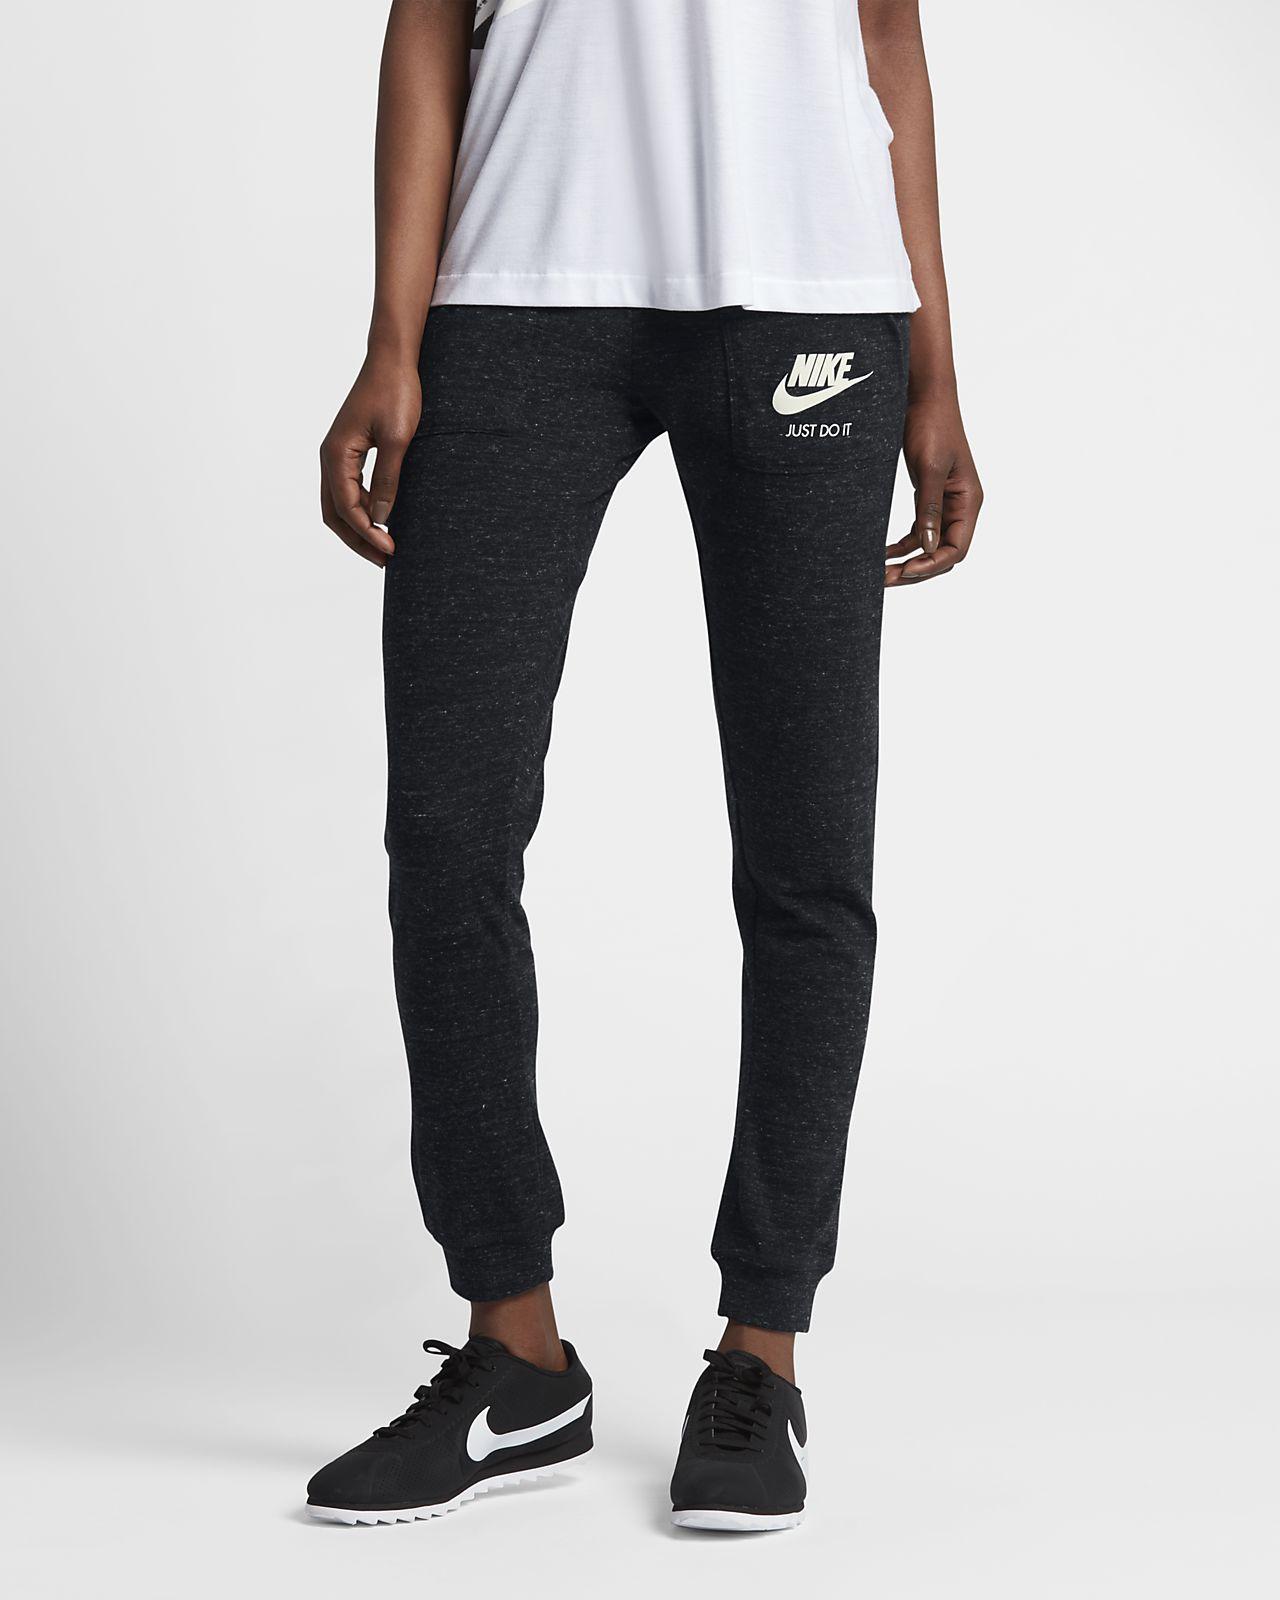 Nike Sportswear Vintage Women s Trousers. Nike.com SG 388009f828362